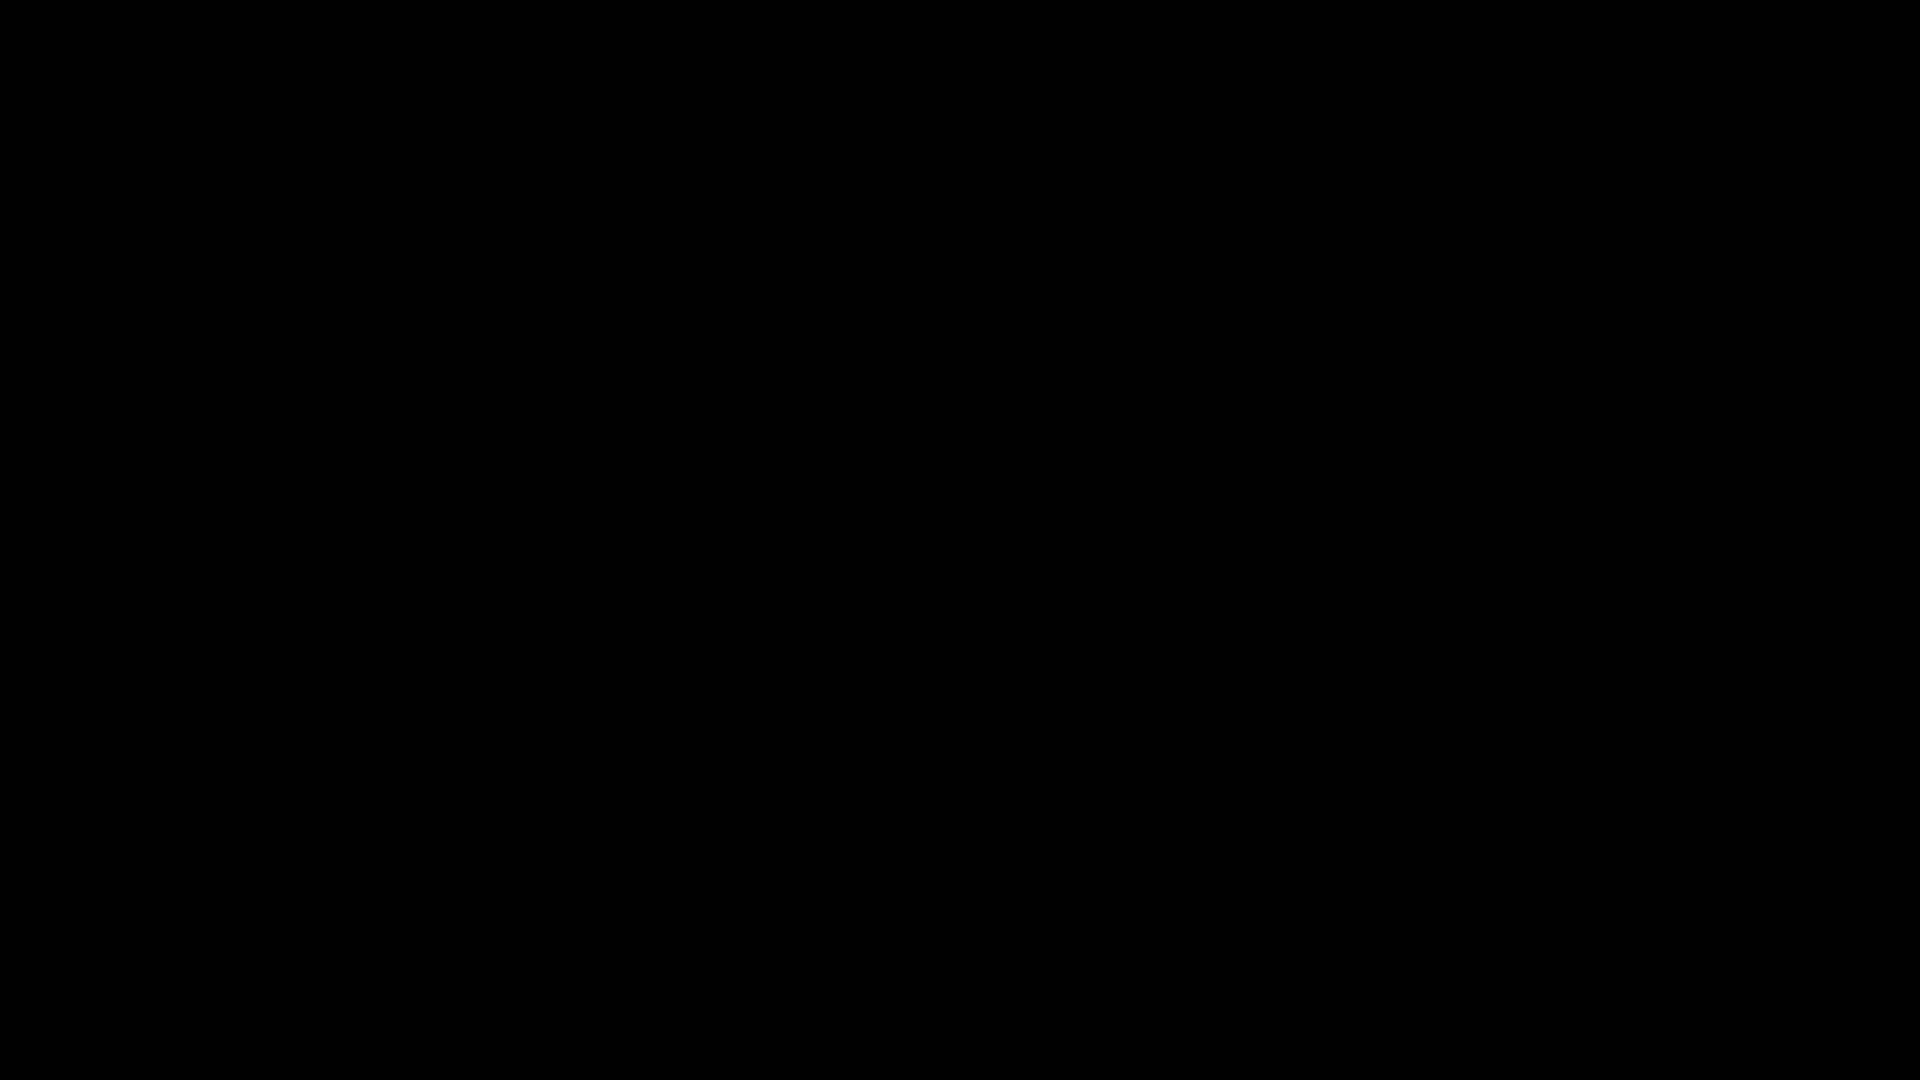 カスタムロゴ 20 オンス 30 オンスプリント二重壁トラベルステンレス鋼タンブラー